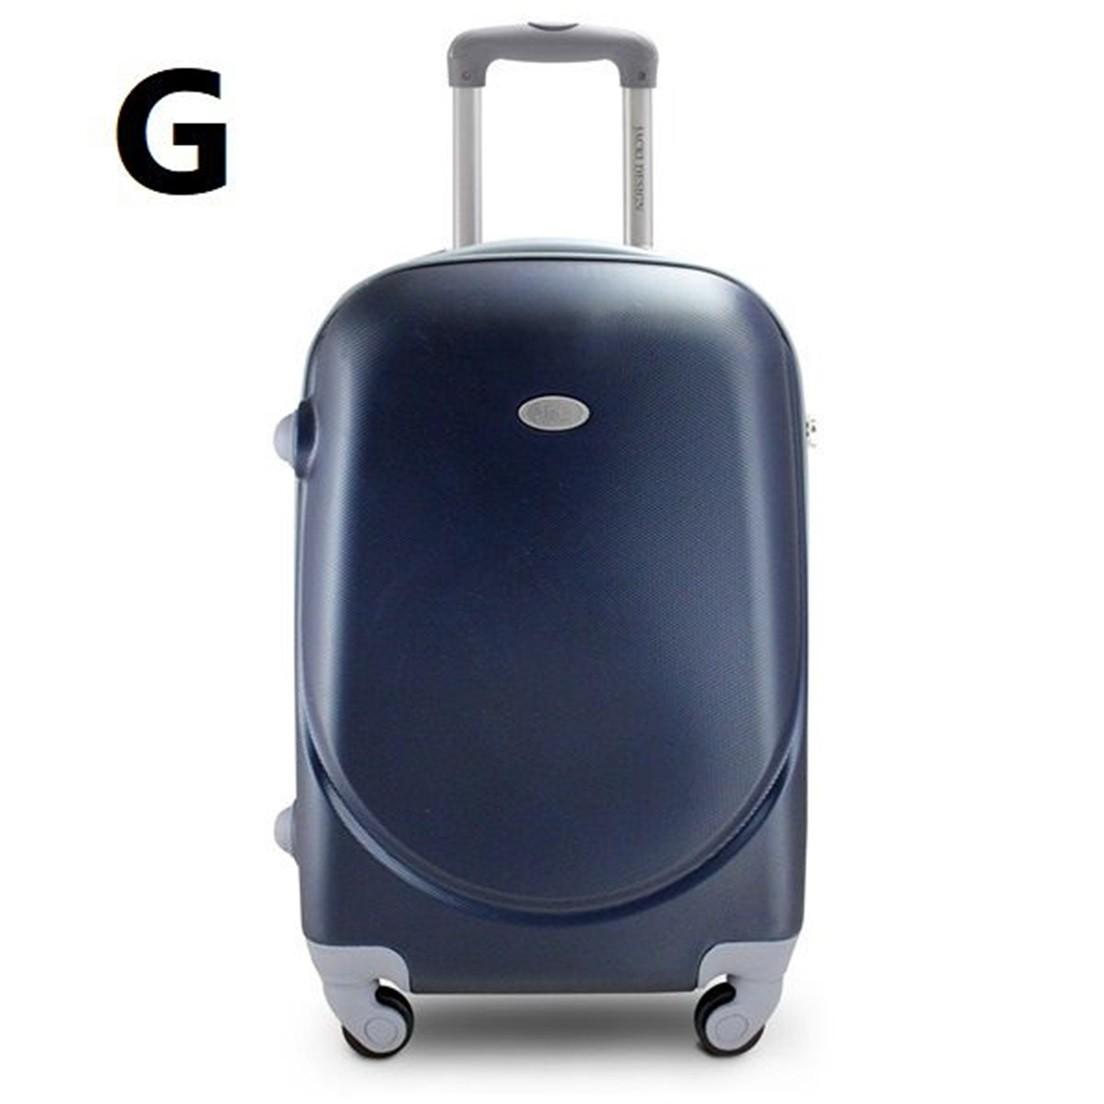 Mala de Viagem Tamanho Grande Select Azul Jacki Design